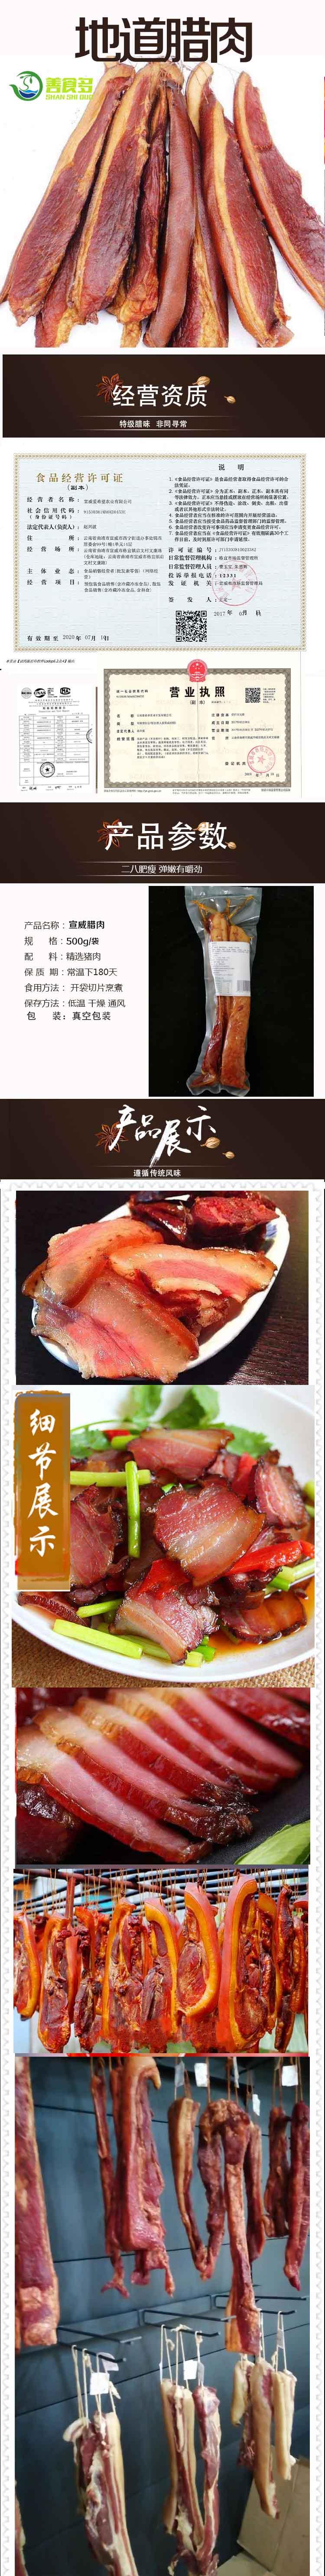 腊肉.jpg